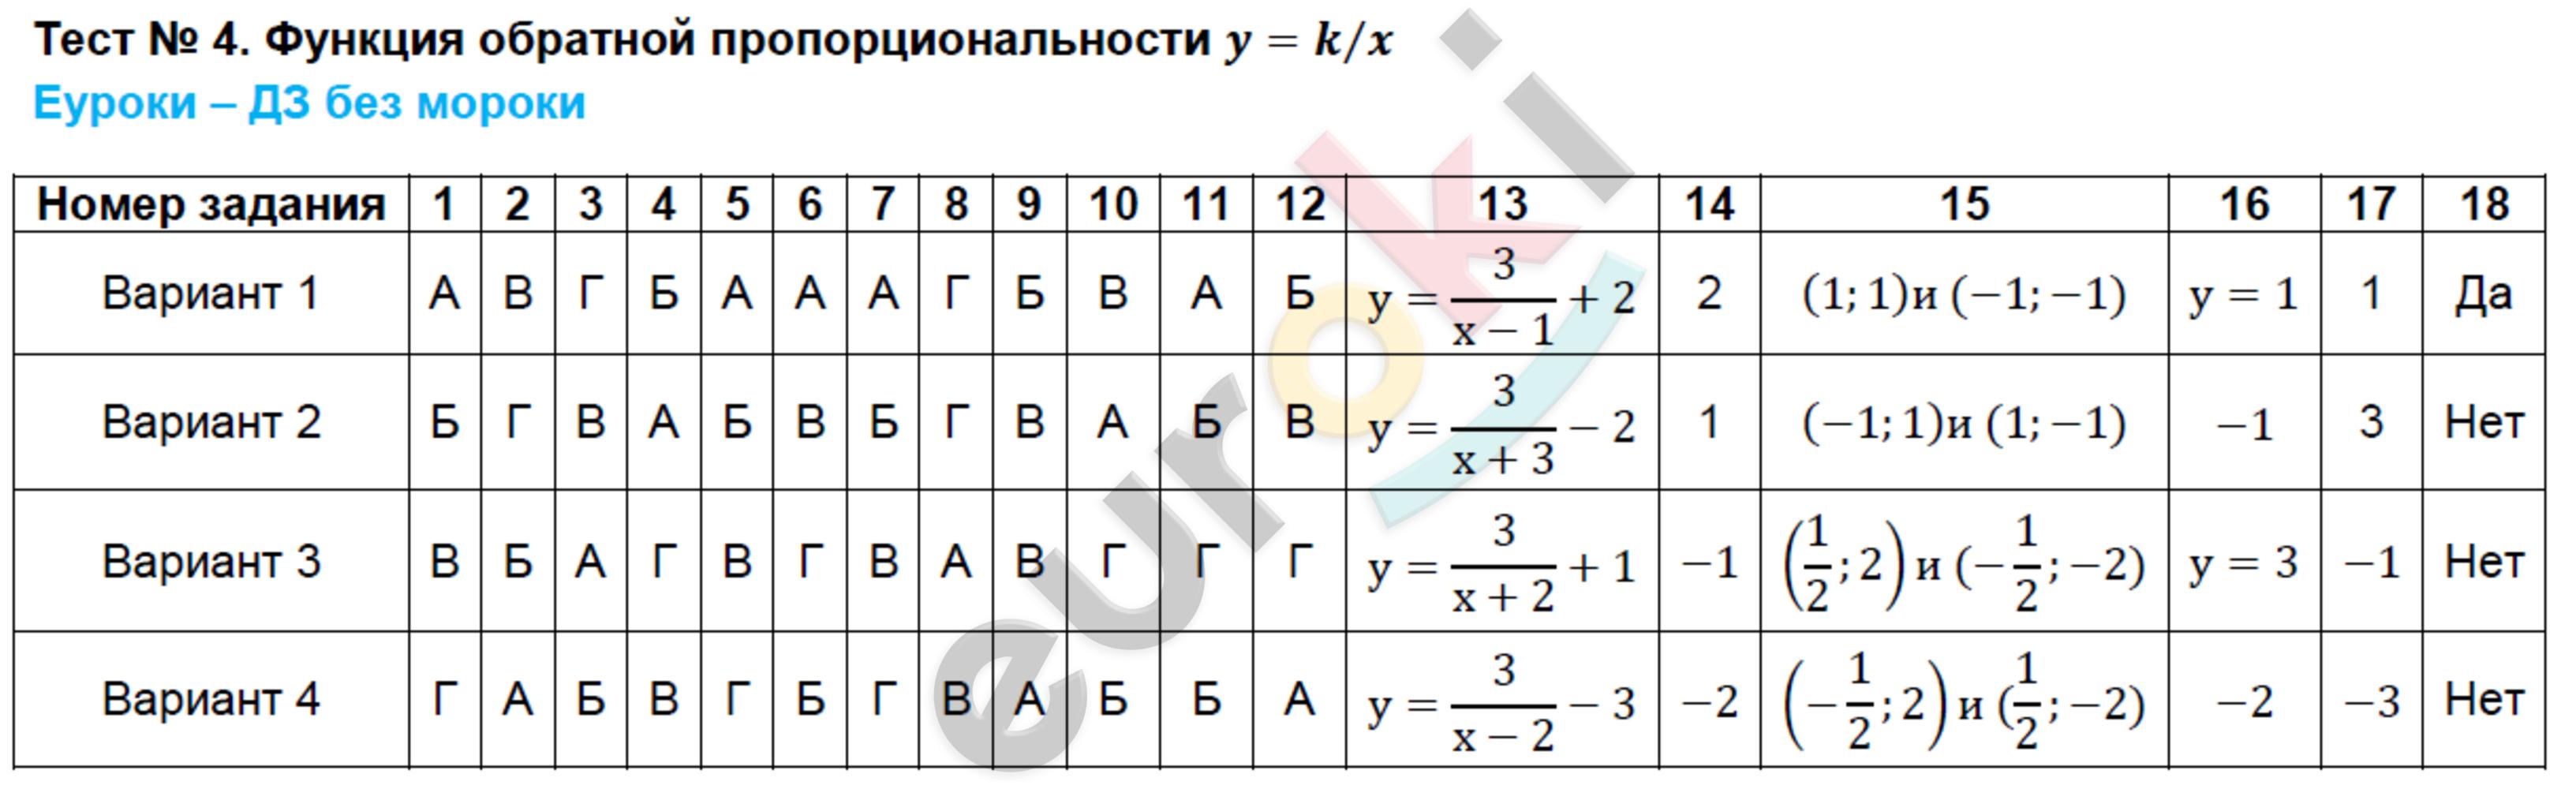 ГДЗ по алгебре 8 класс тесты Ключникова, Комиссарова. К учебнику Мордковича. Задание: Тест 4. Функция обратной пропорциональности y=k⁄x